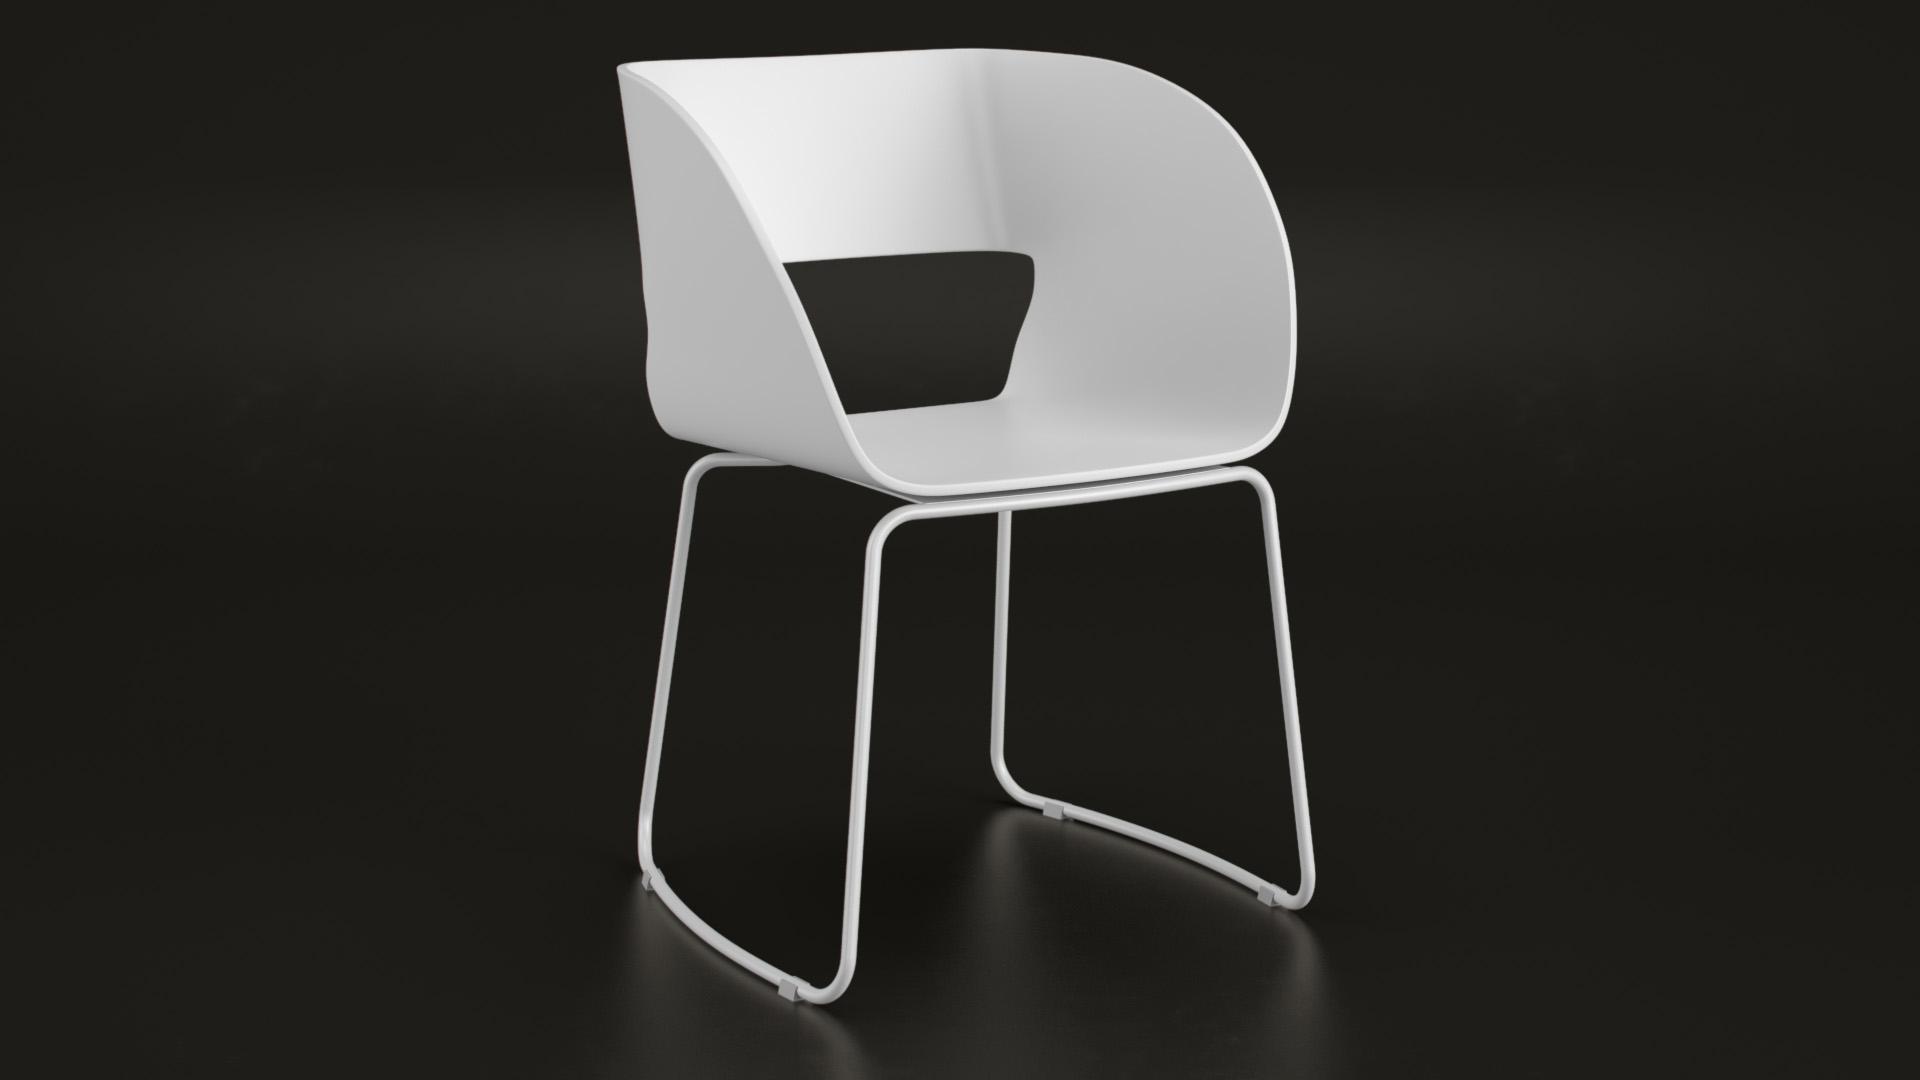 Vintage_Chair_SledLegs_BlackSet_01_V1.01_0000